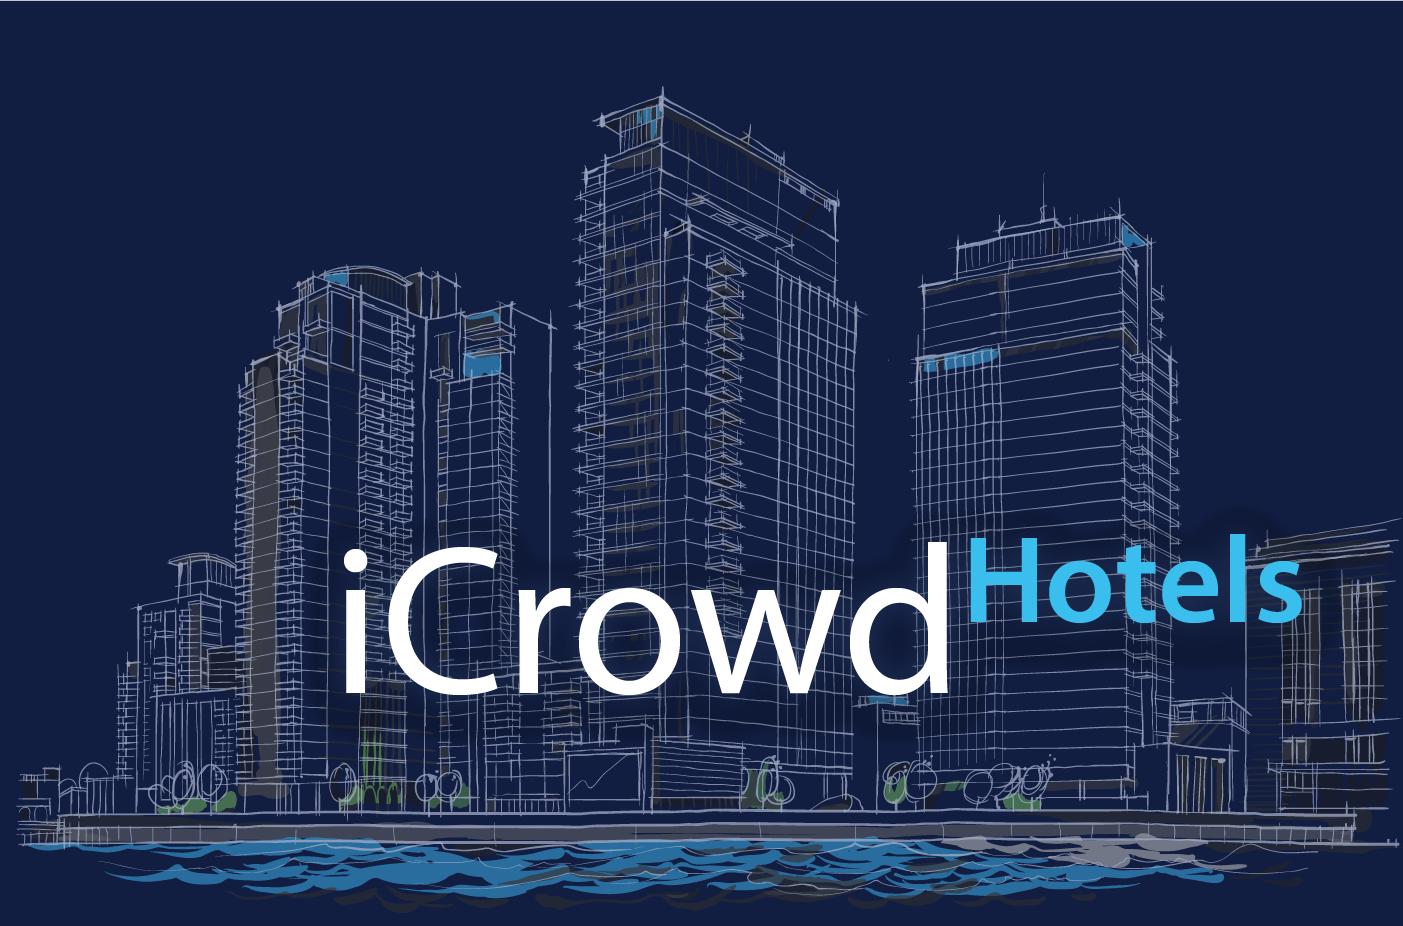 iCrowd Hotels, Impulsa el Equity Crowdfunding en el sector Hotelero